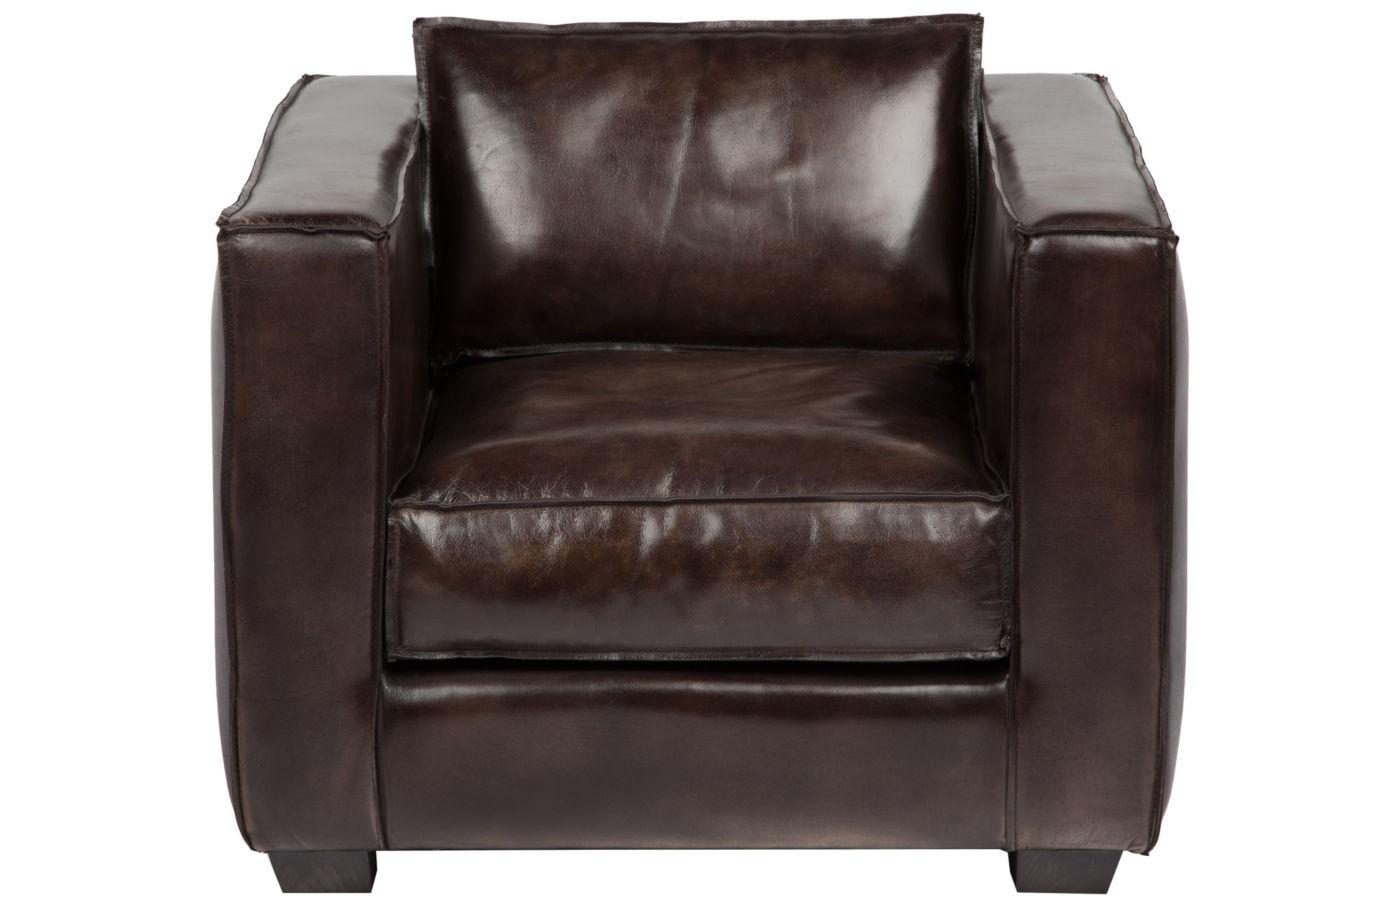 Кресло CollinКожаные кресла<br><br><br>Material: Кожа<br>Ширина см: 85<br>Высота см: 63<br>Глубина см: 80